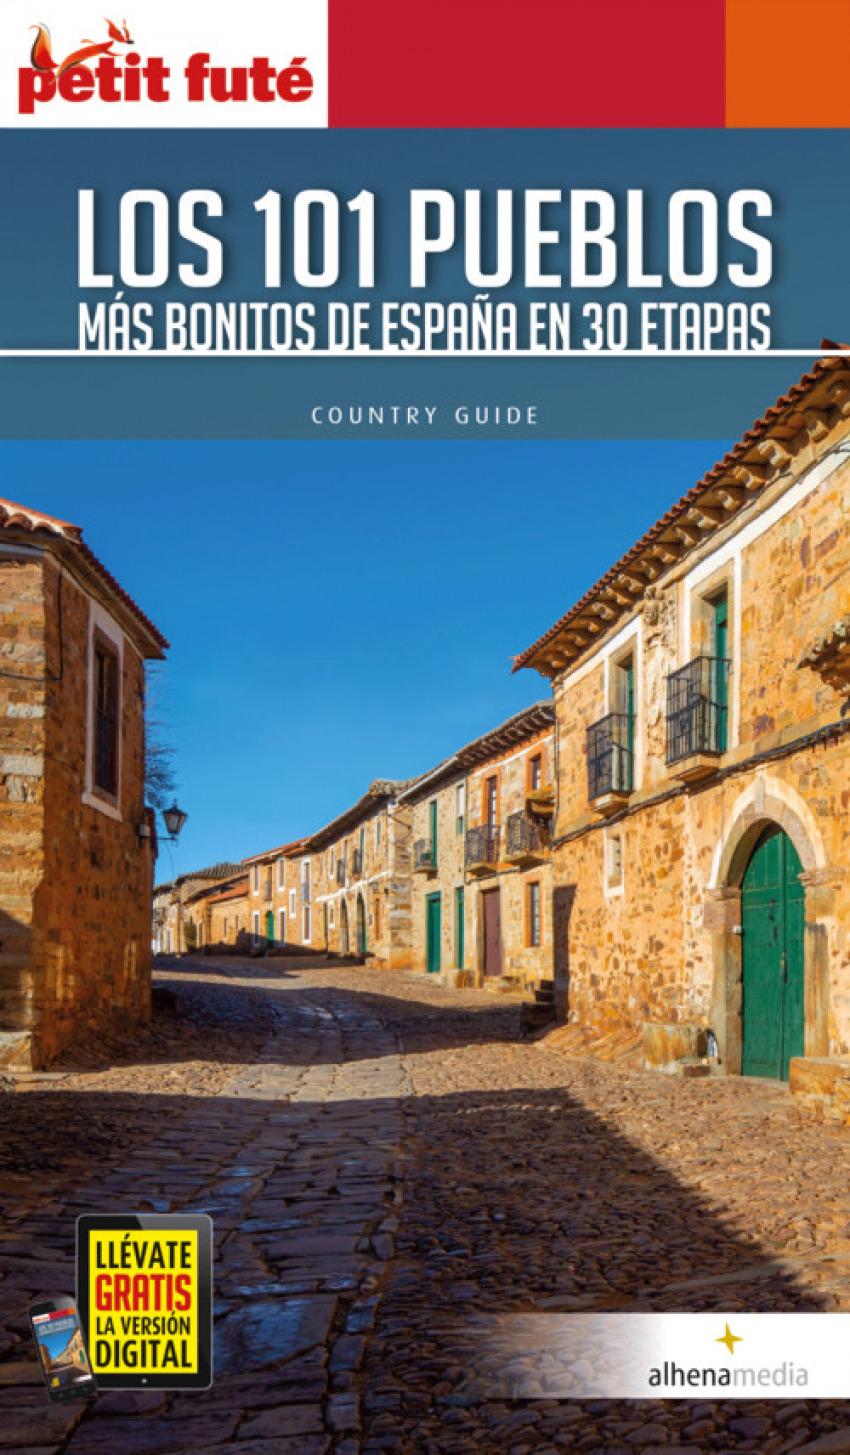 LOS 101 PUEBLOS MÁS BONITOS DE ESPAÑA EN 30 ETAPAS